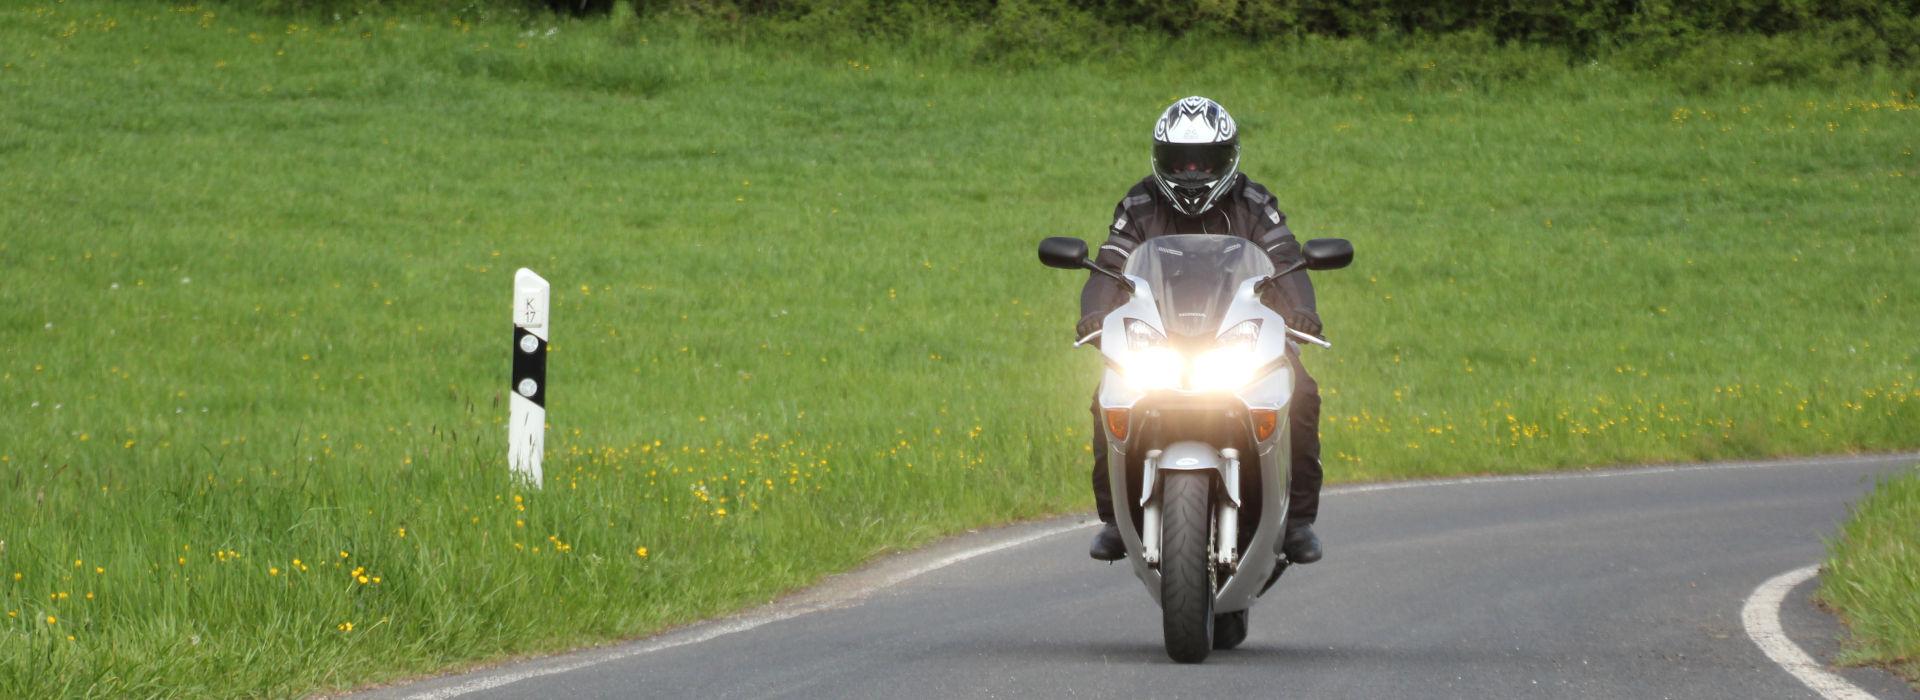 Motorrijschool Motorrijbewijspoint Drunen motorrijlessen